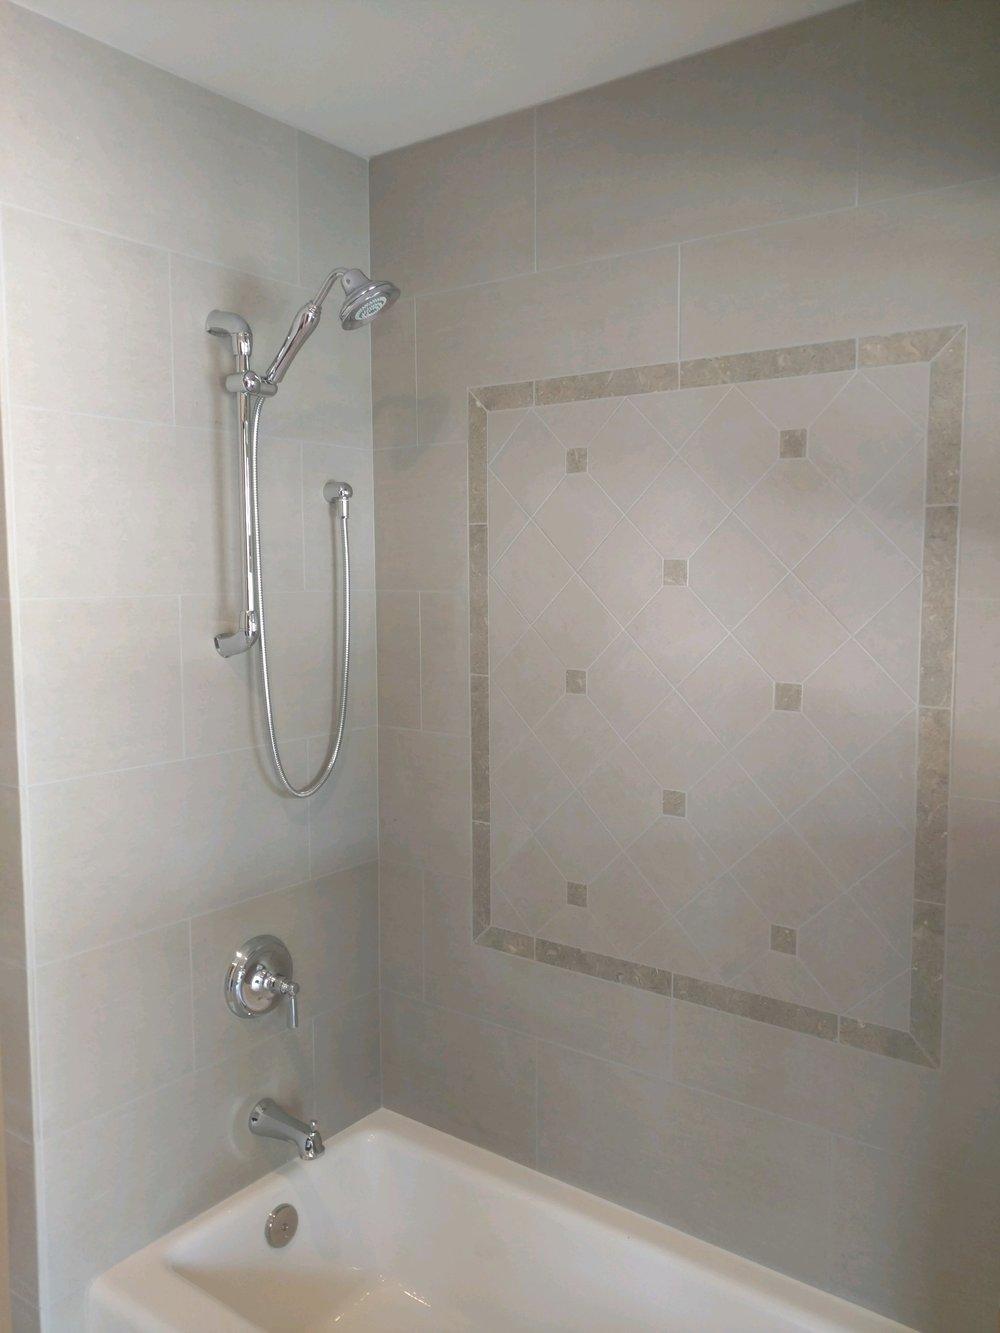 tub surround- design detail.jpg